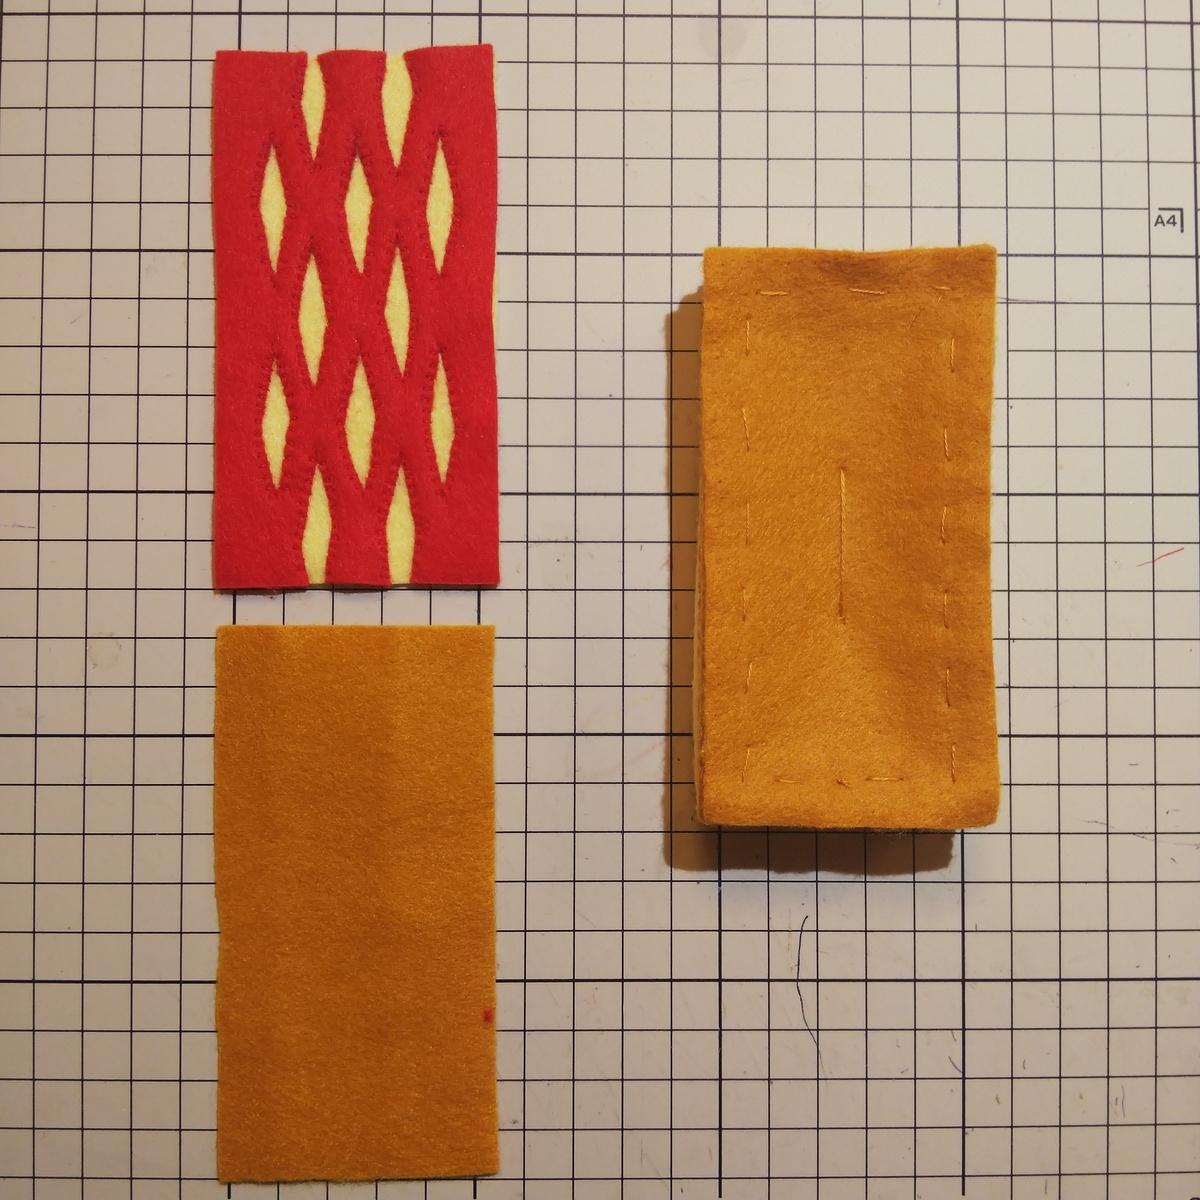 フェルトの『パイ』の作り方⑨ 重ねて縫い合わせる